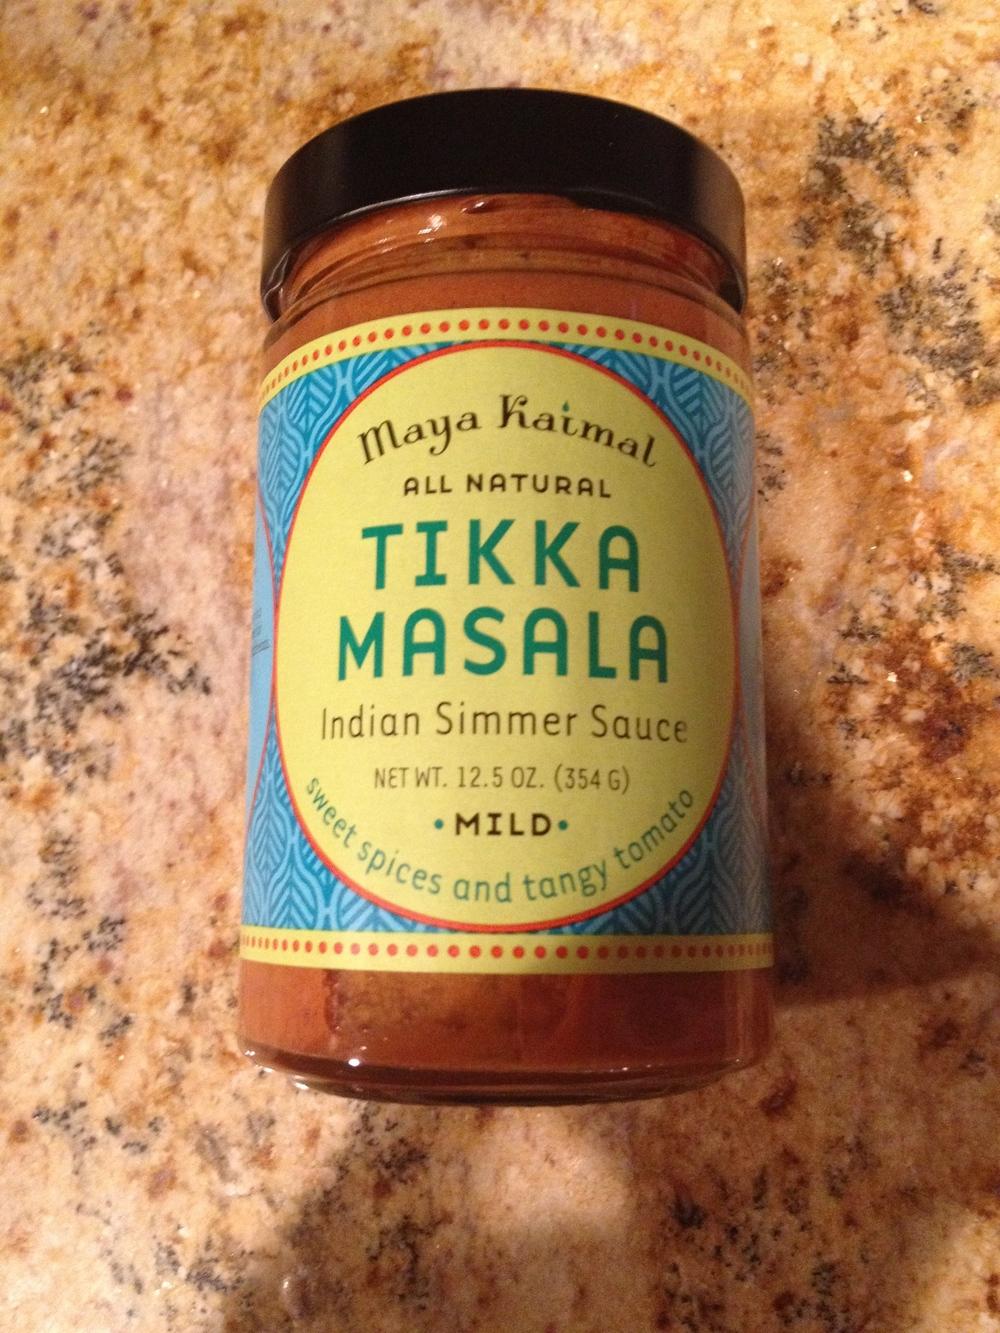 Maya Kaimal's Tikka Masala